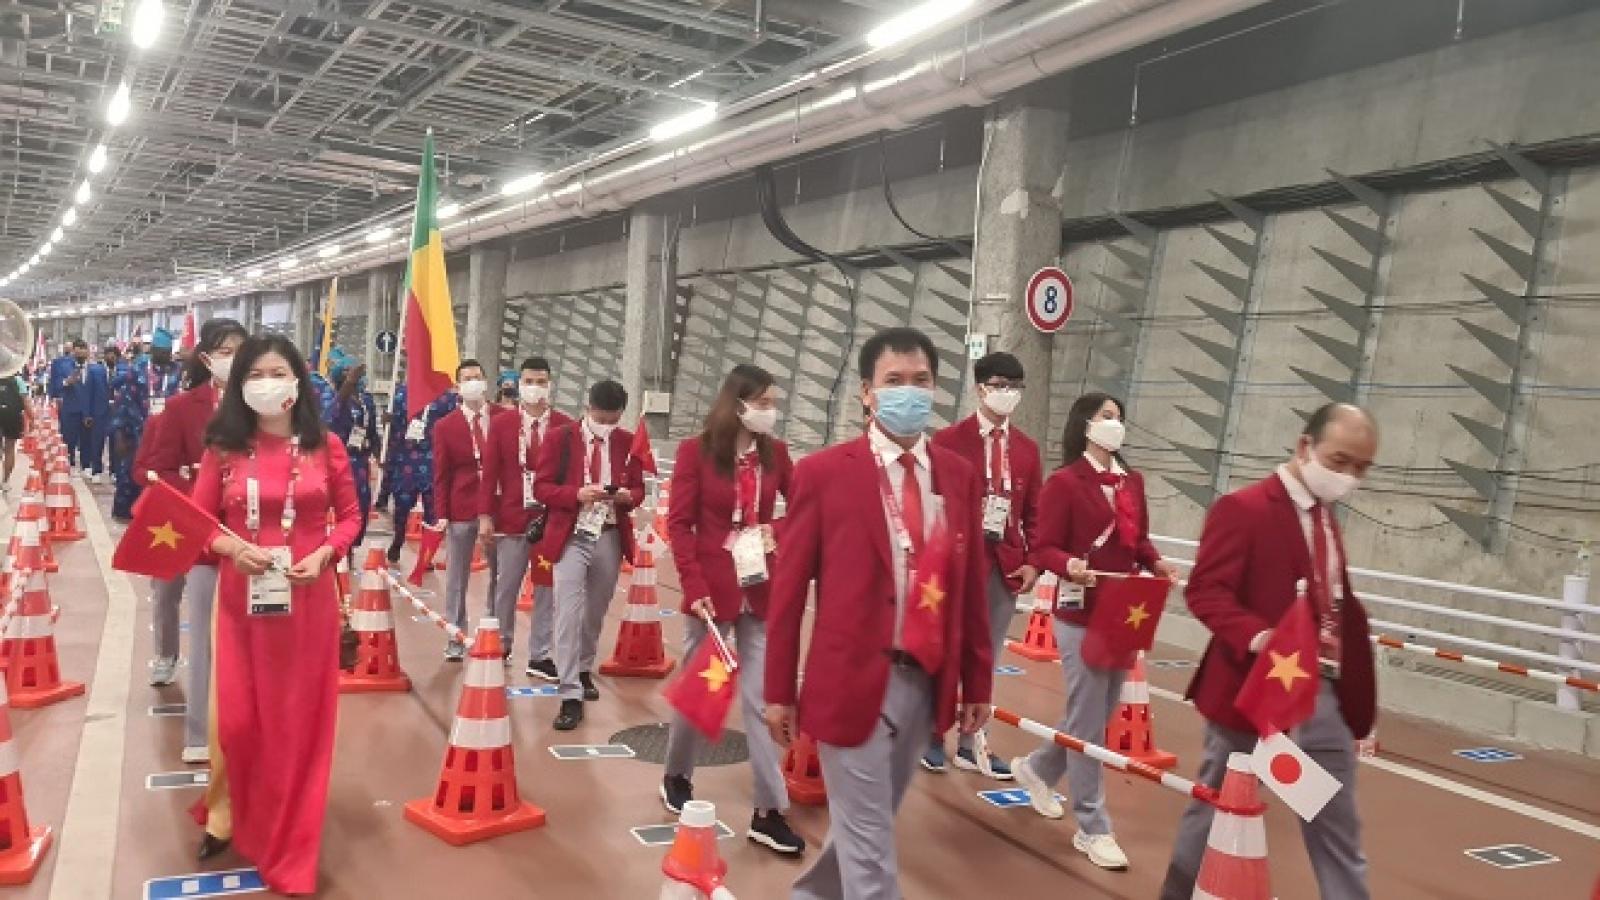 Trực tiếp Lễ khai mạc Olympic Tokyo 2020: Đoàn thể thao Việt Nam tiến vào lễ đài diễu hành